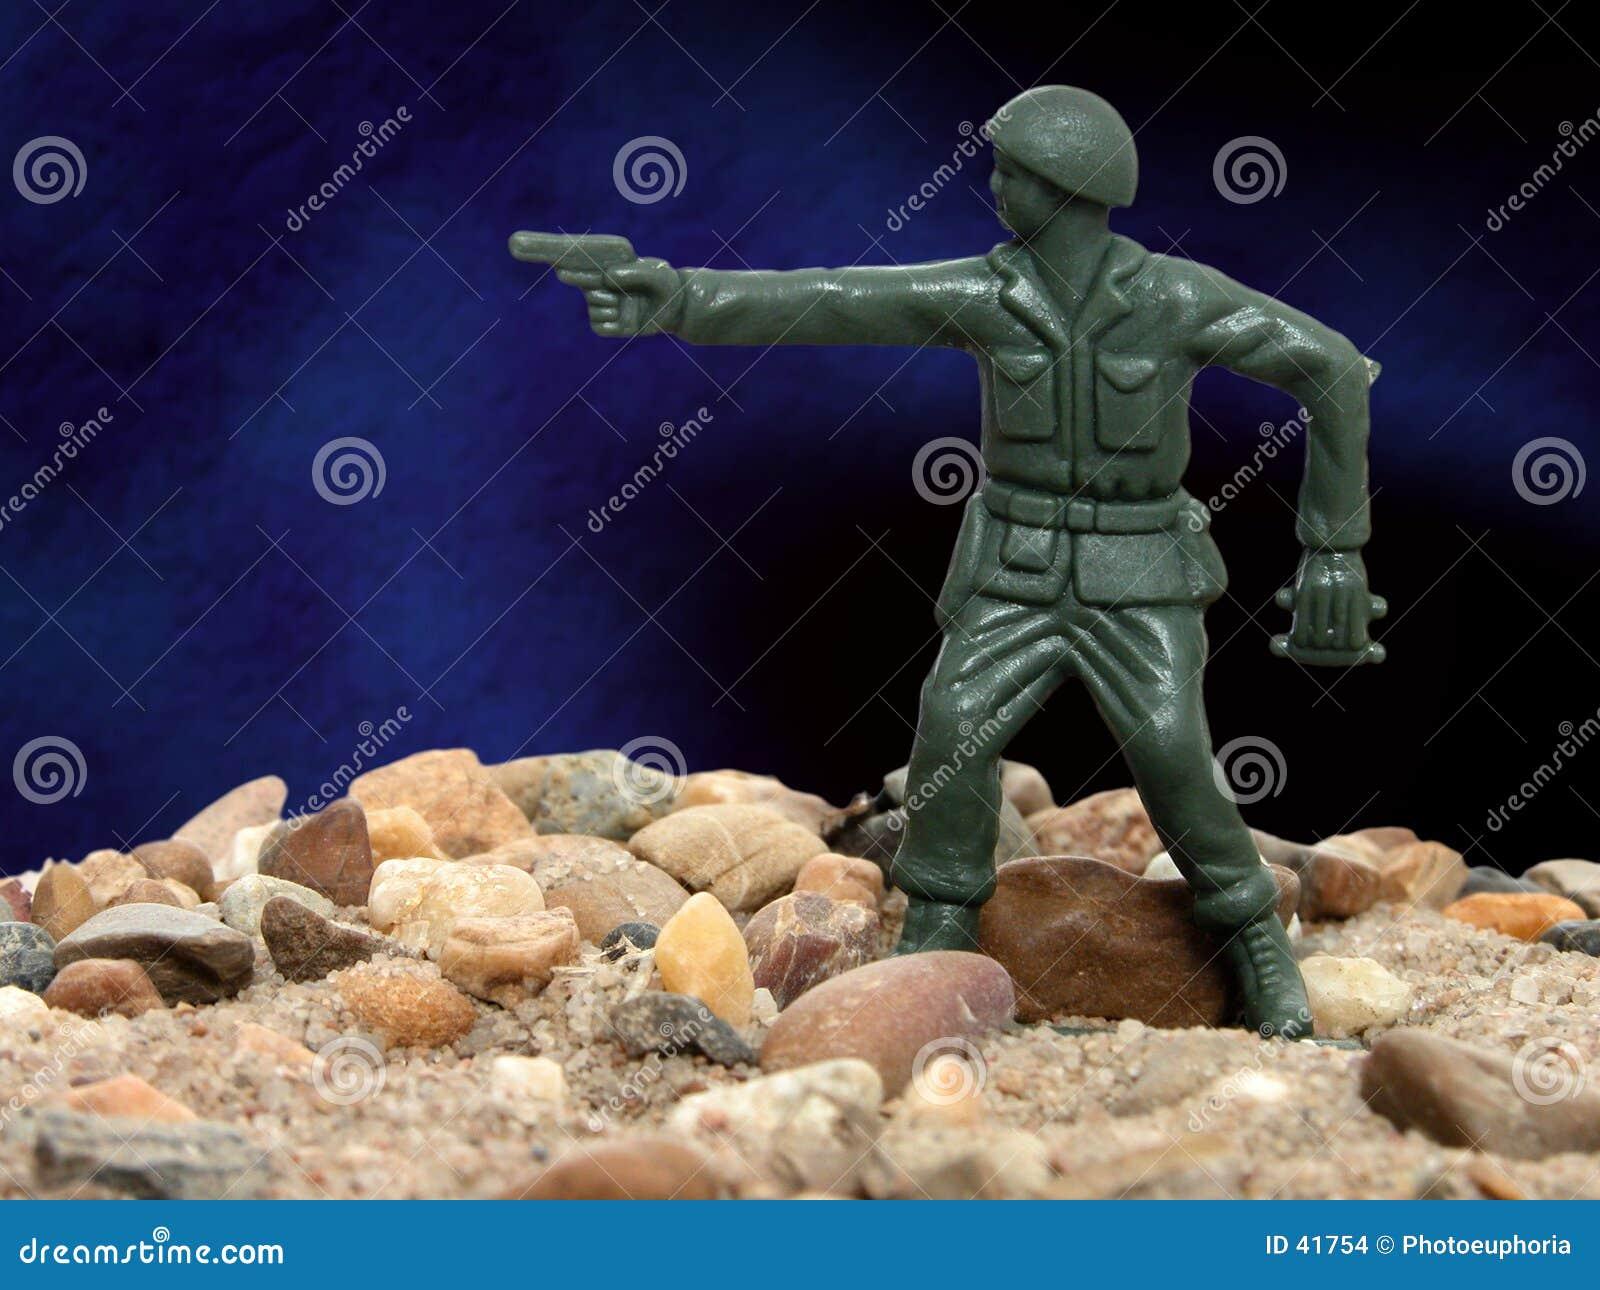 01支陆军没经验的工作人员玩具